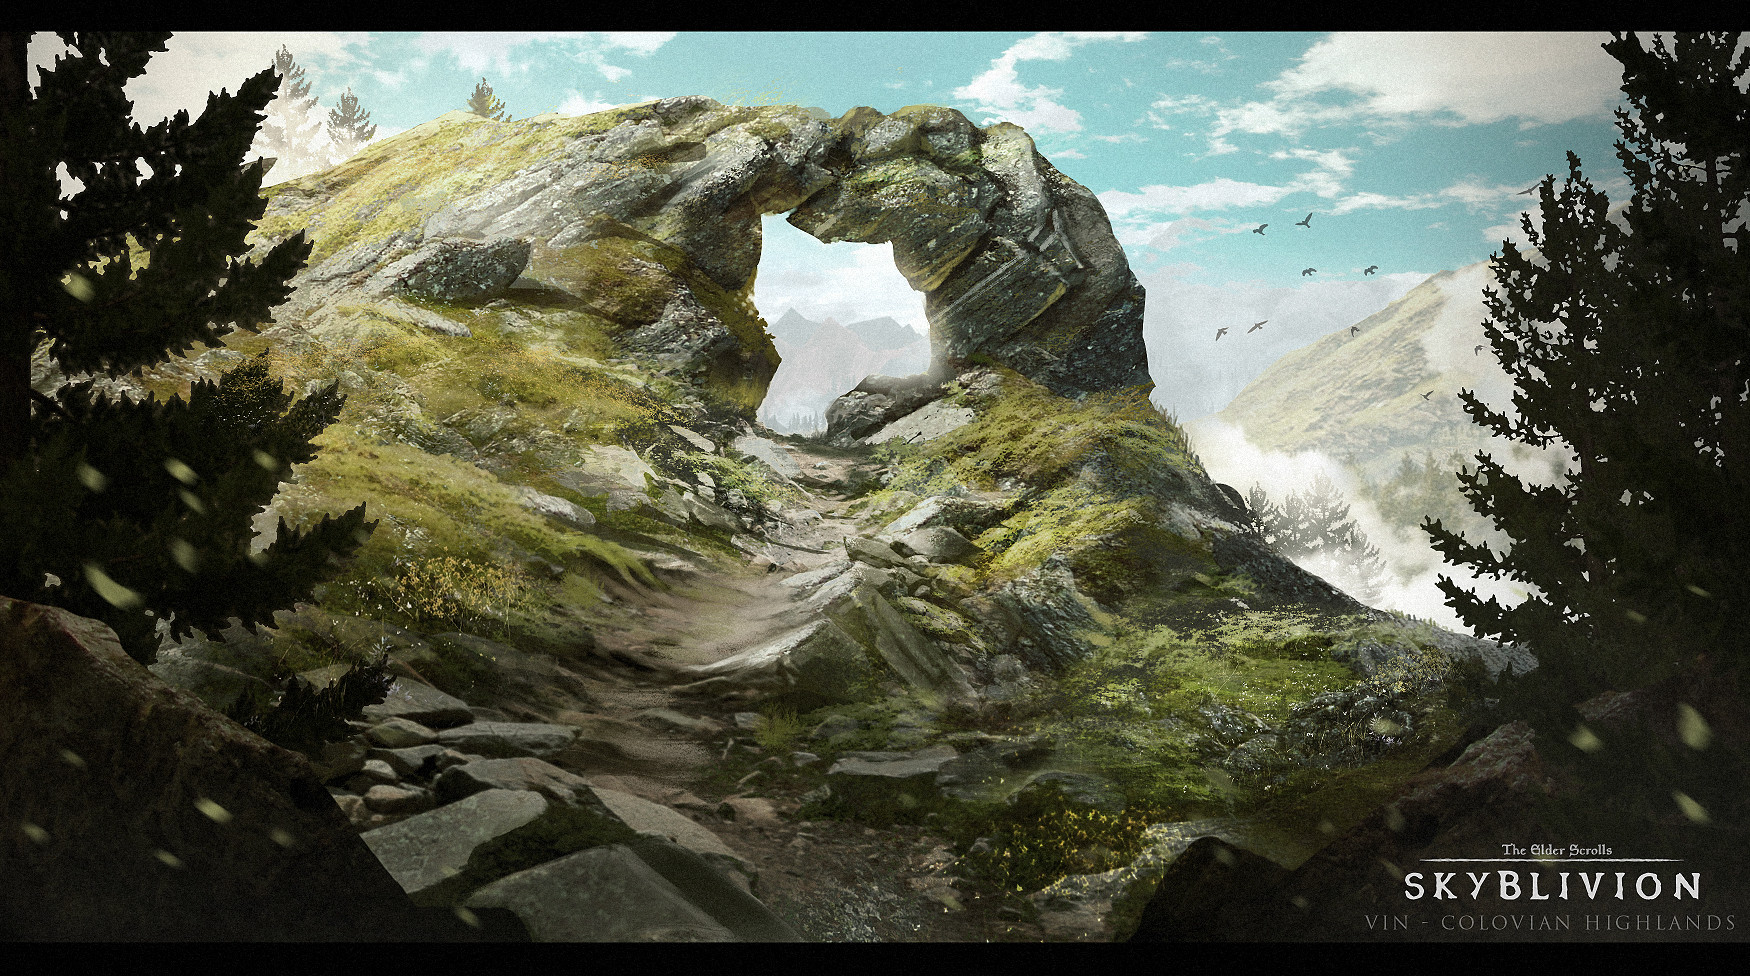 Vin hill skyblivionhighlands 01